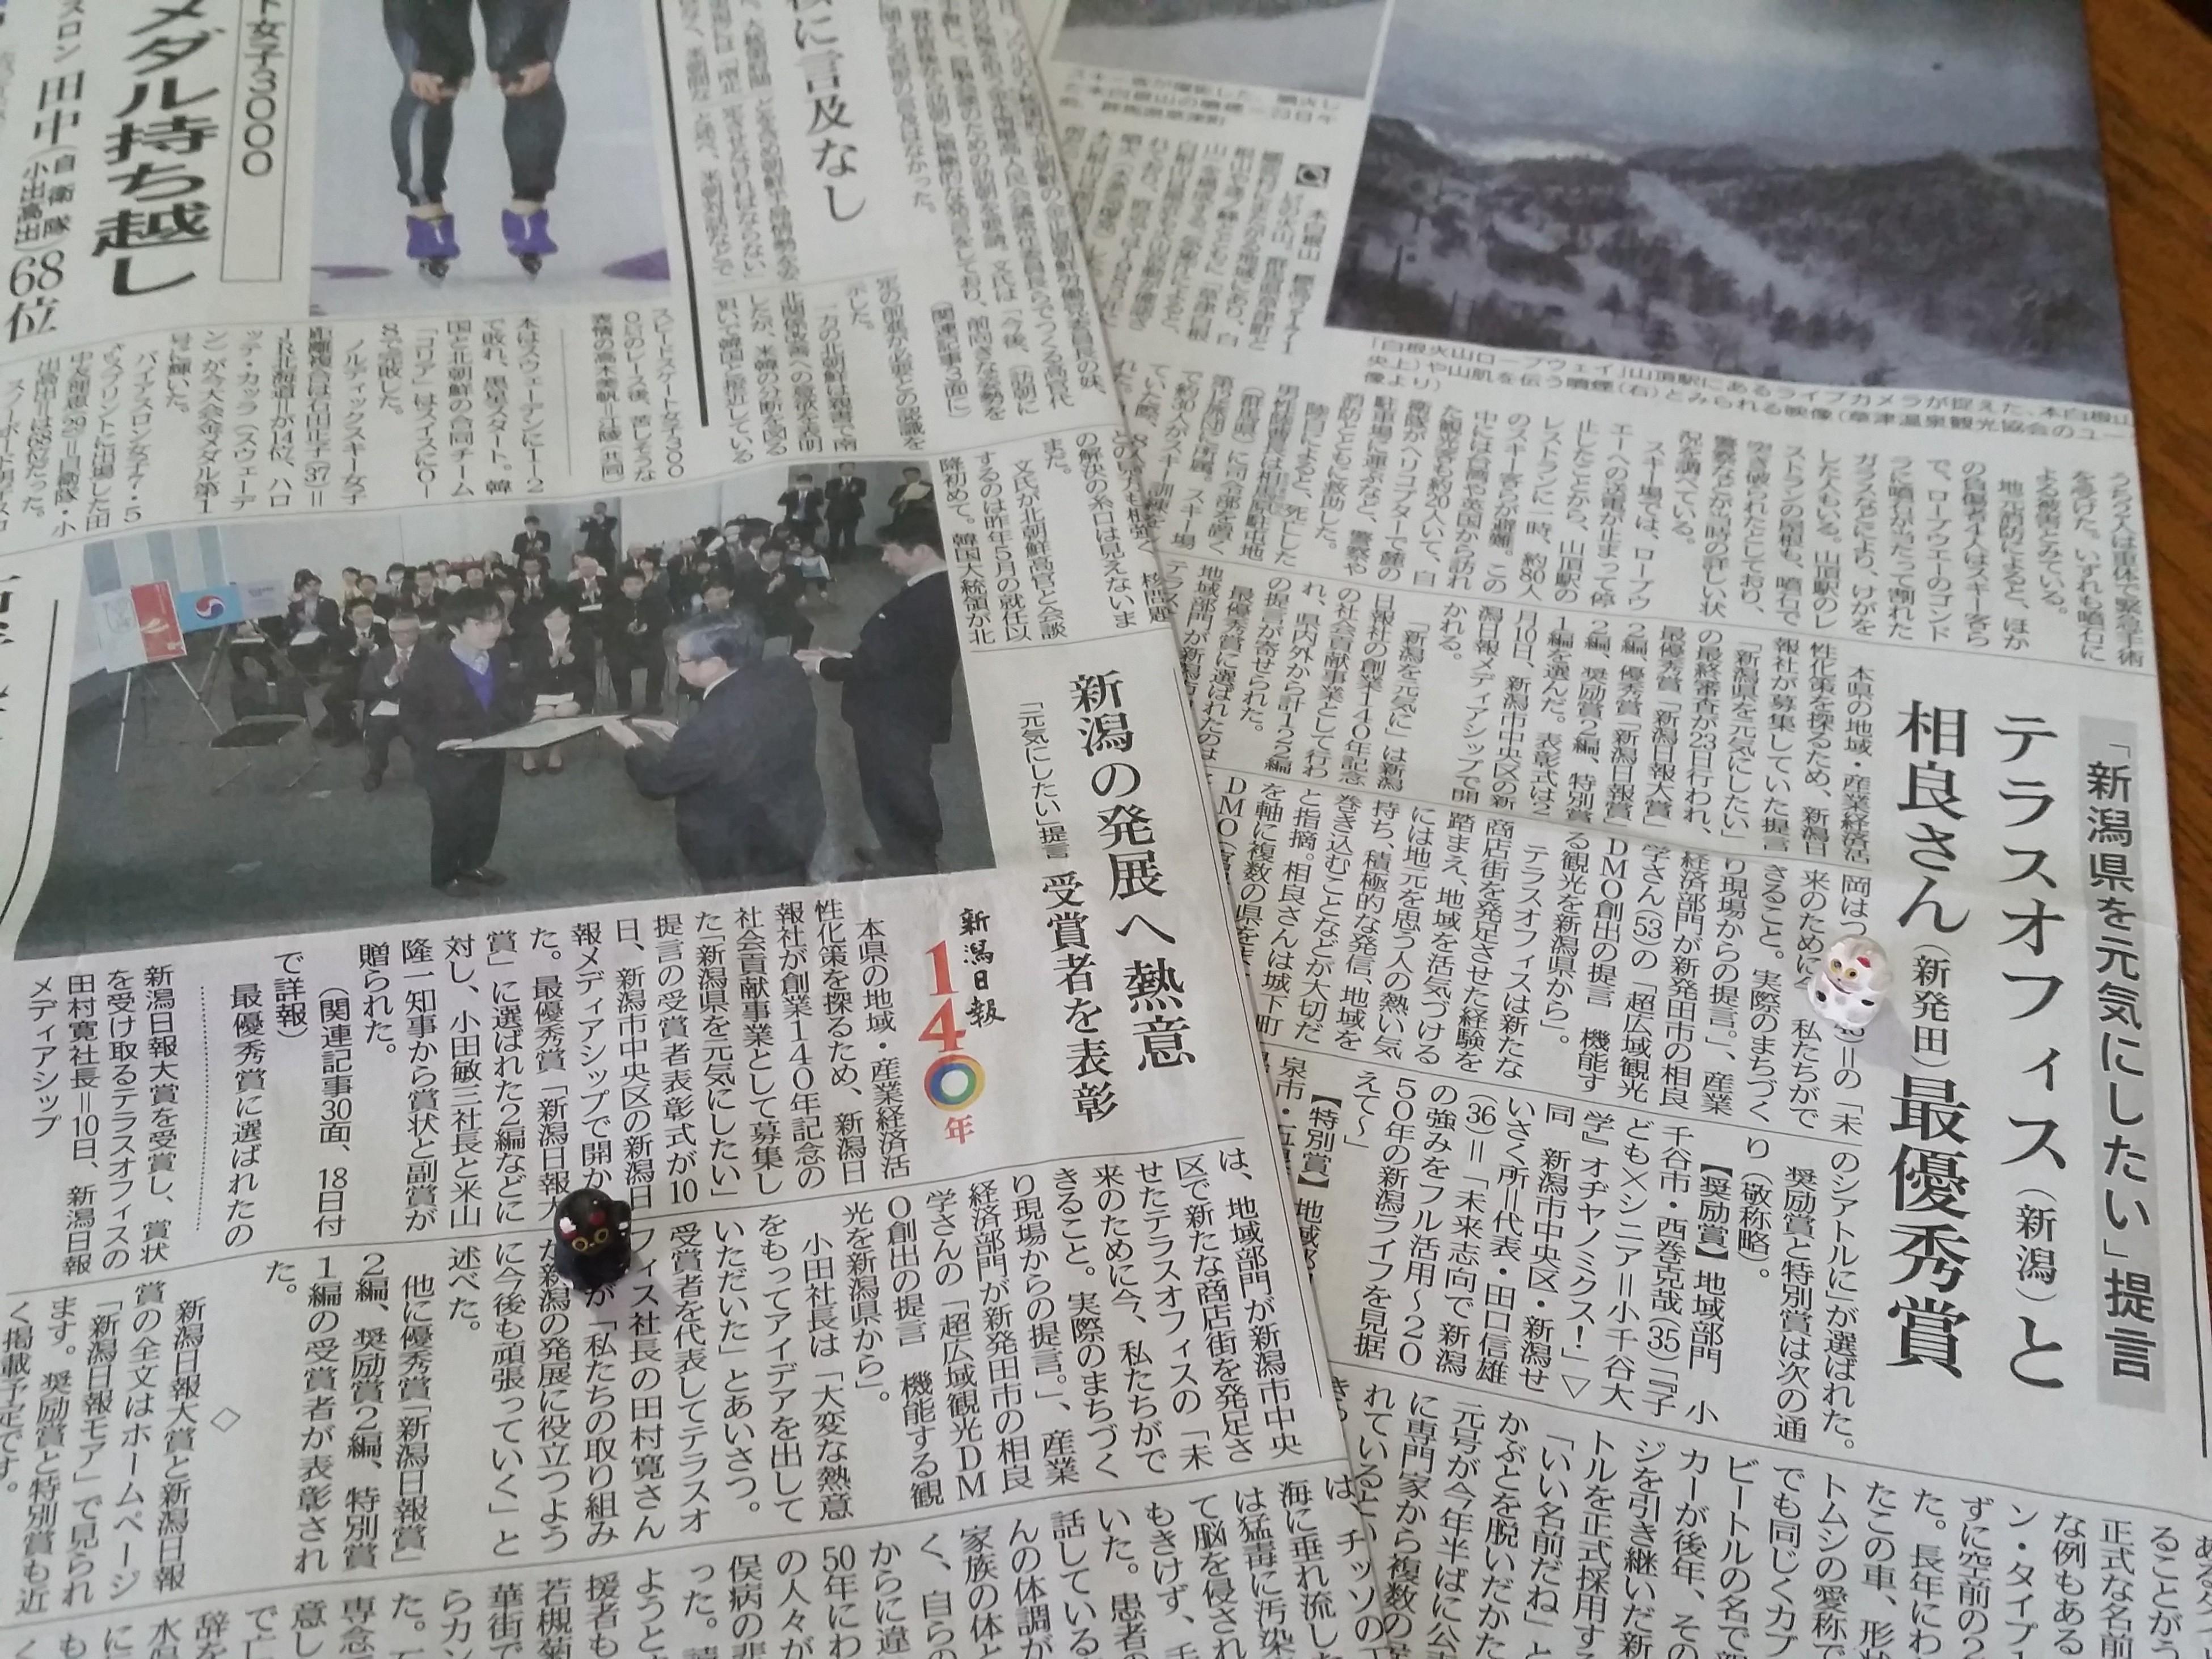 (右)新潟日報1/24(水)紙面 (左)同2/11(日)紙面